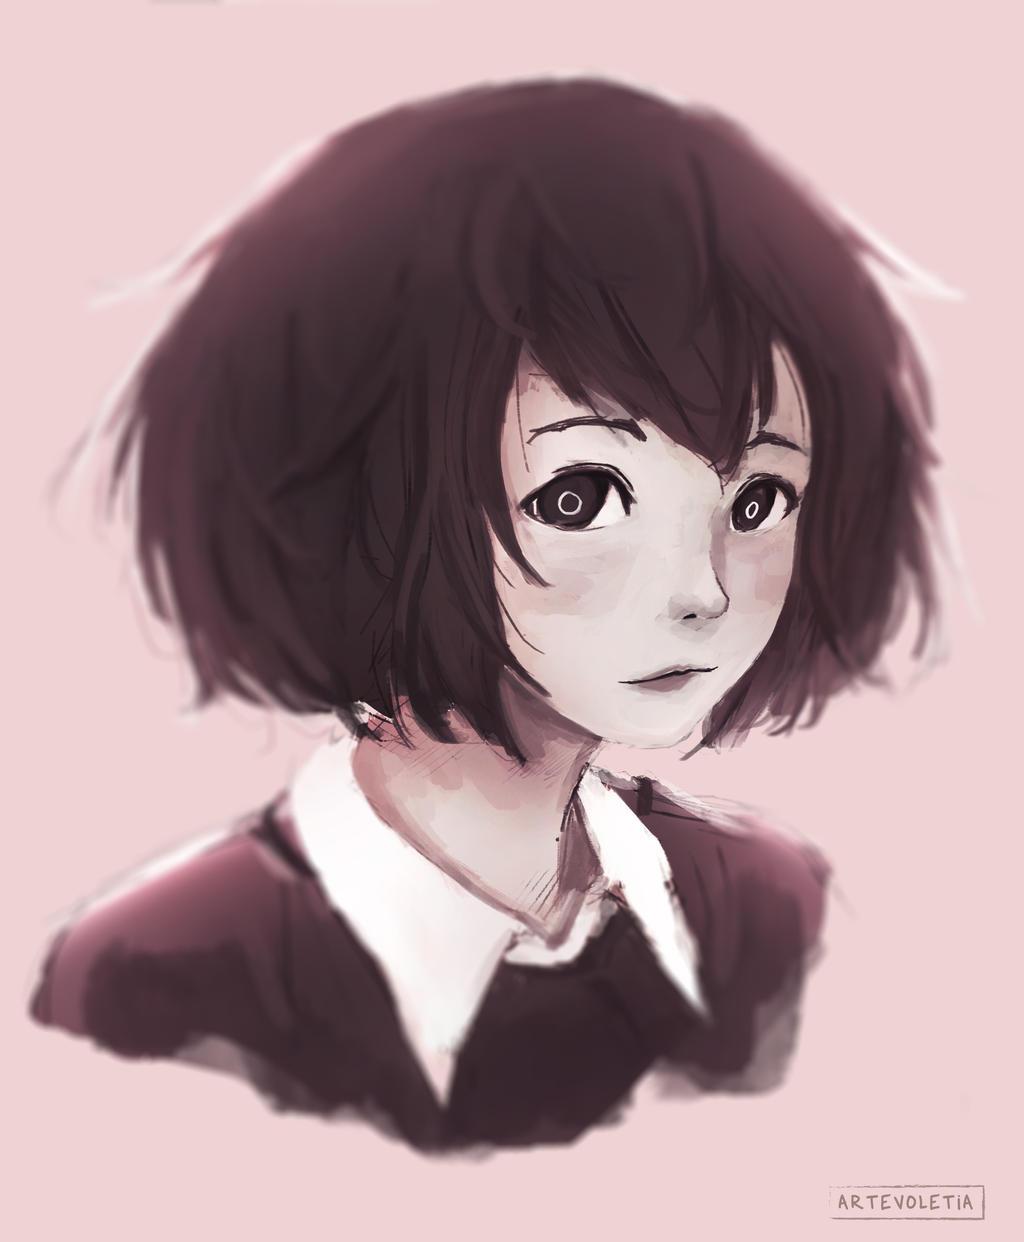 Short hair by artevoletia